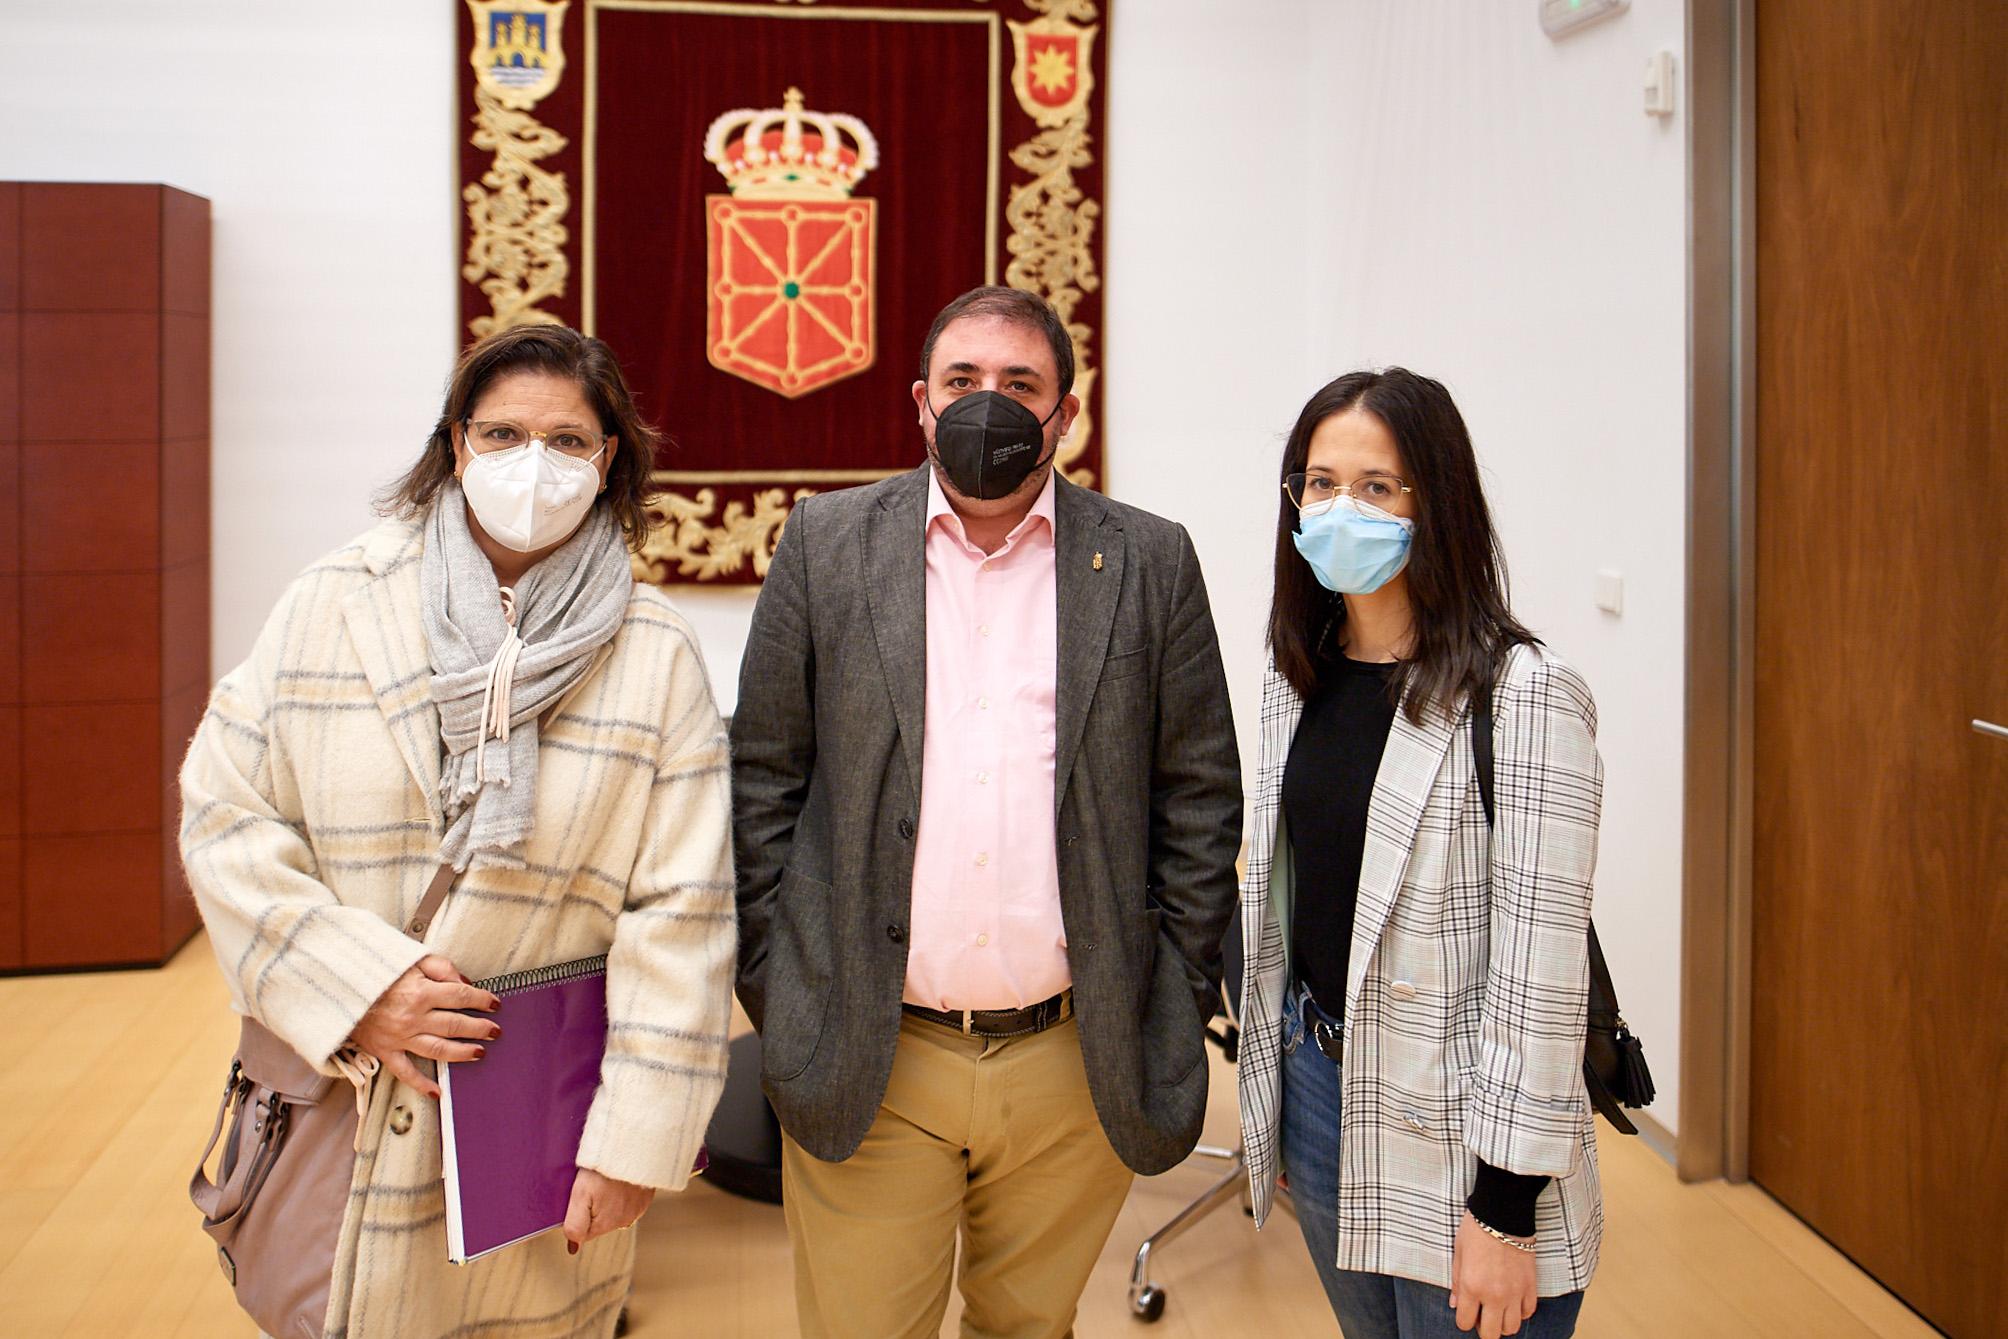 De izquierda a derecha, Cristina Mondragón, Unai Hualde y Rebeca Benitez